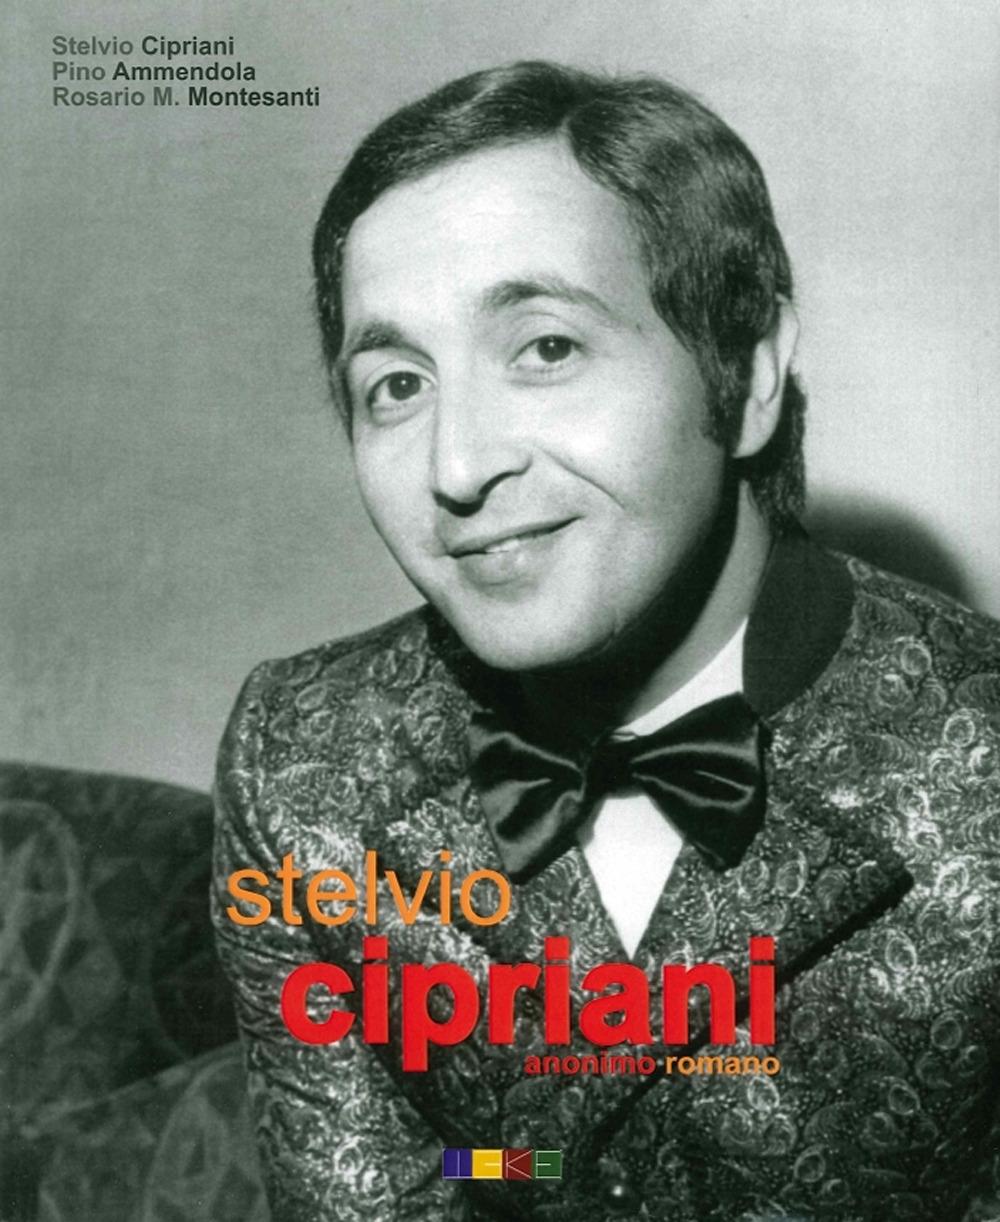 Stelvio Cipriani. Anonimo Romanzo.